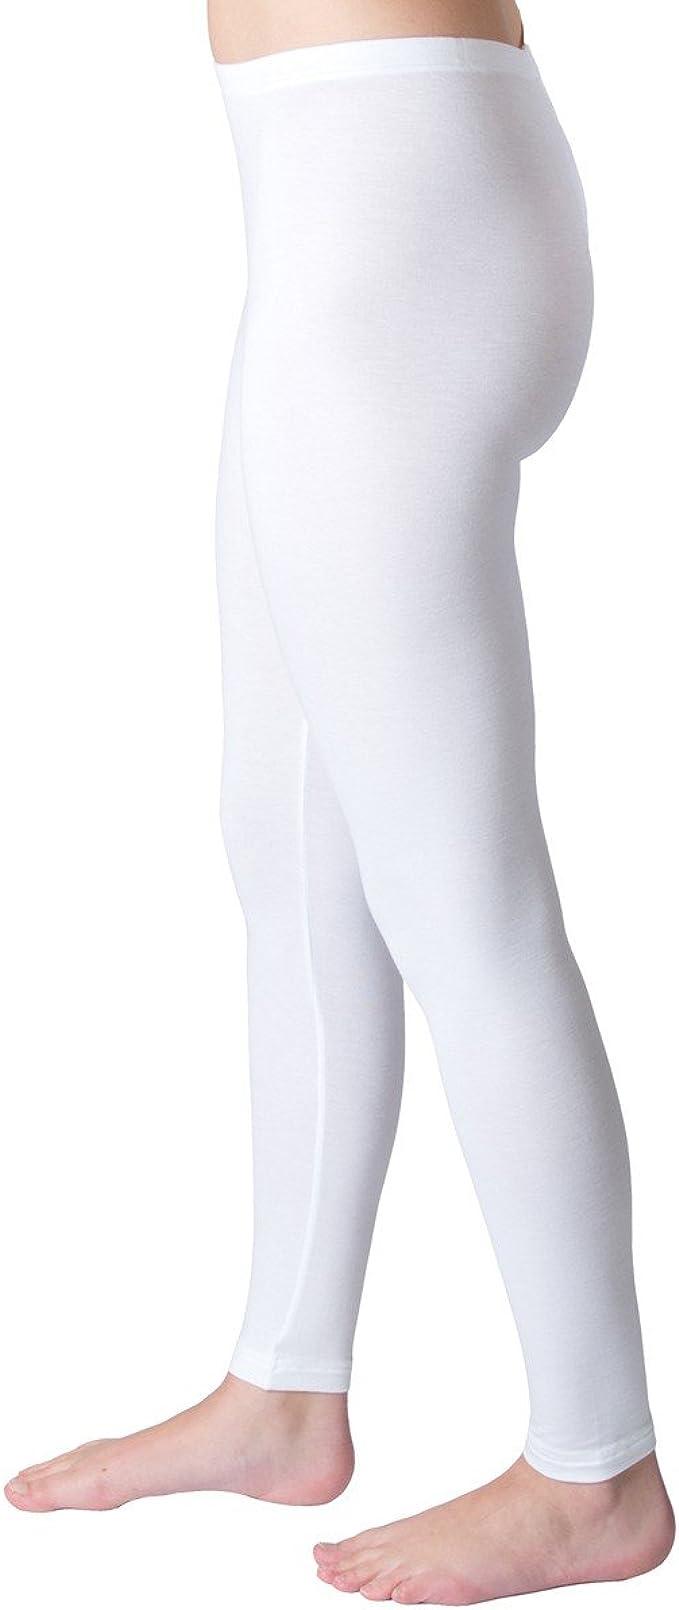 HERMKO 1720 Leggings de Mujer 100% algodón orgánico: Amazon.es: Ropa y accesorios